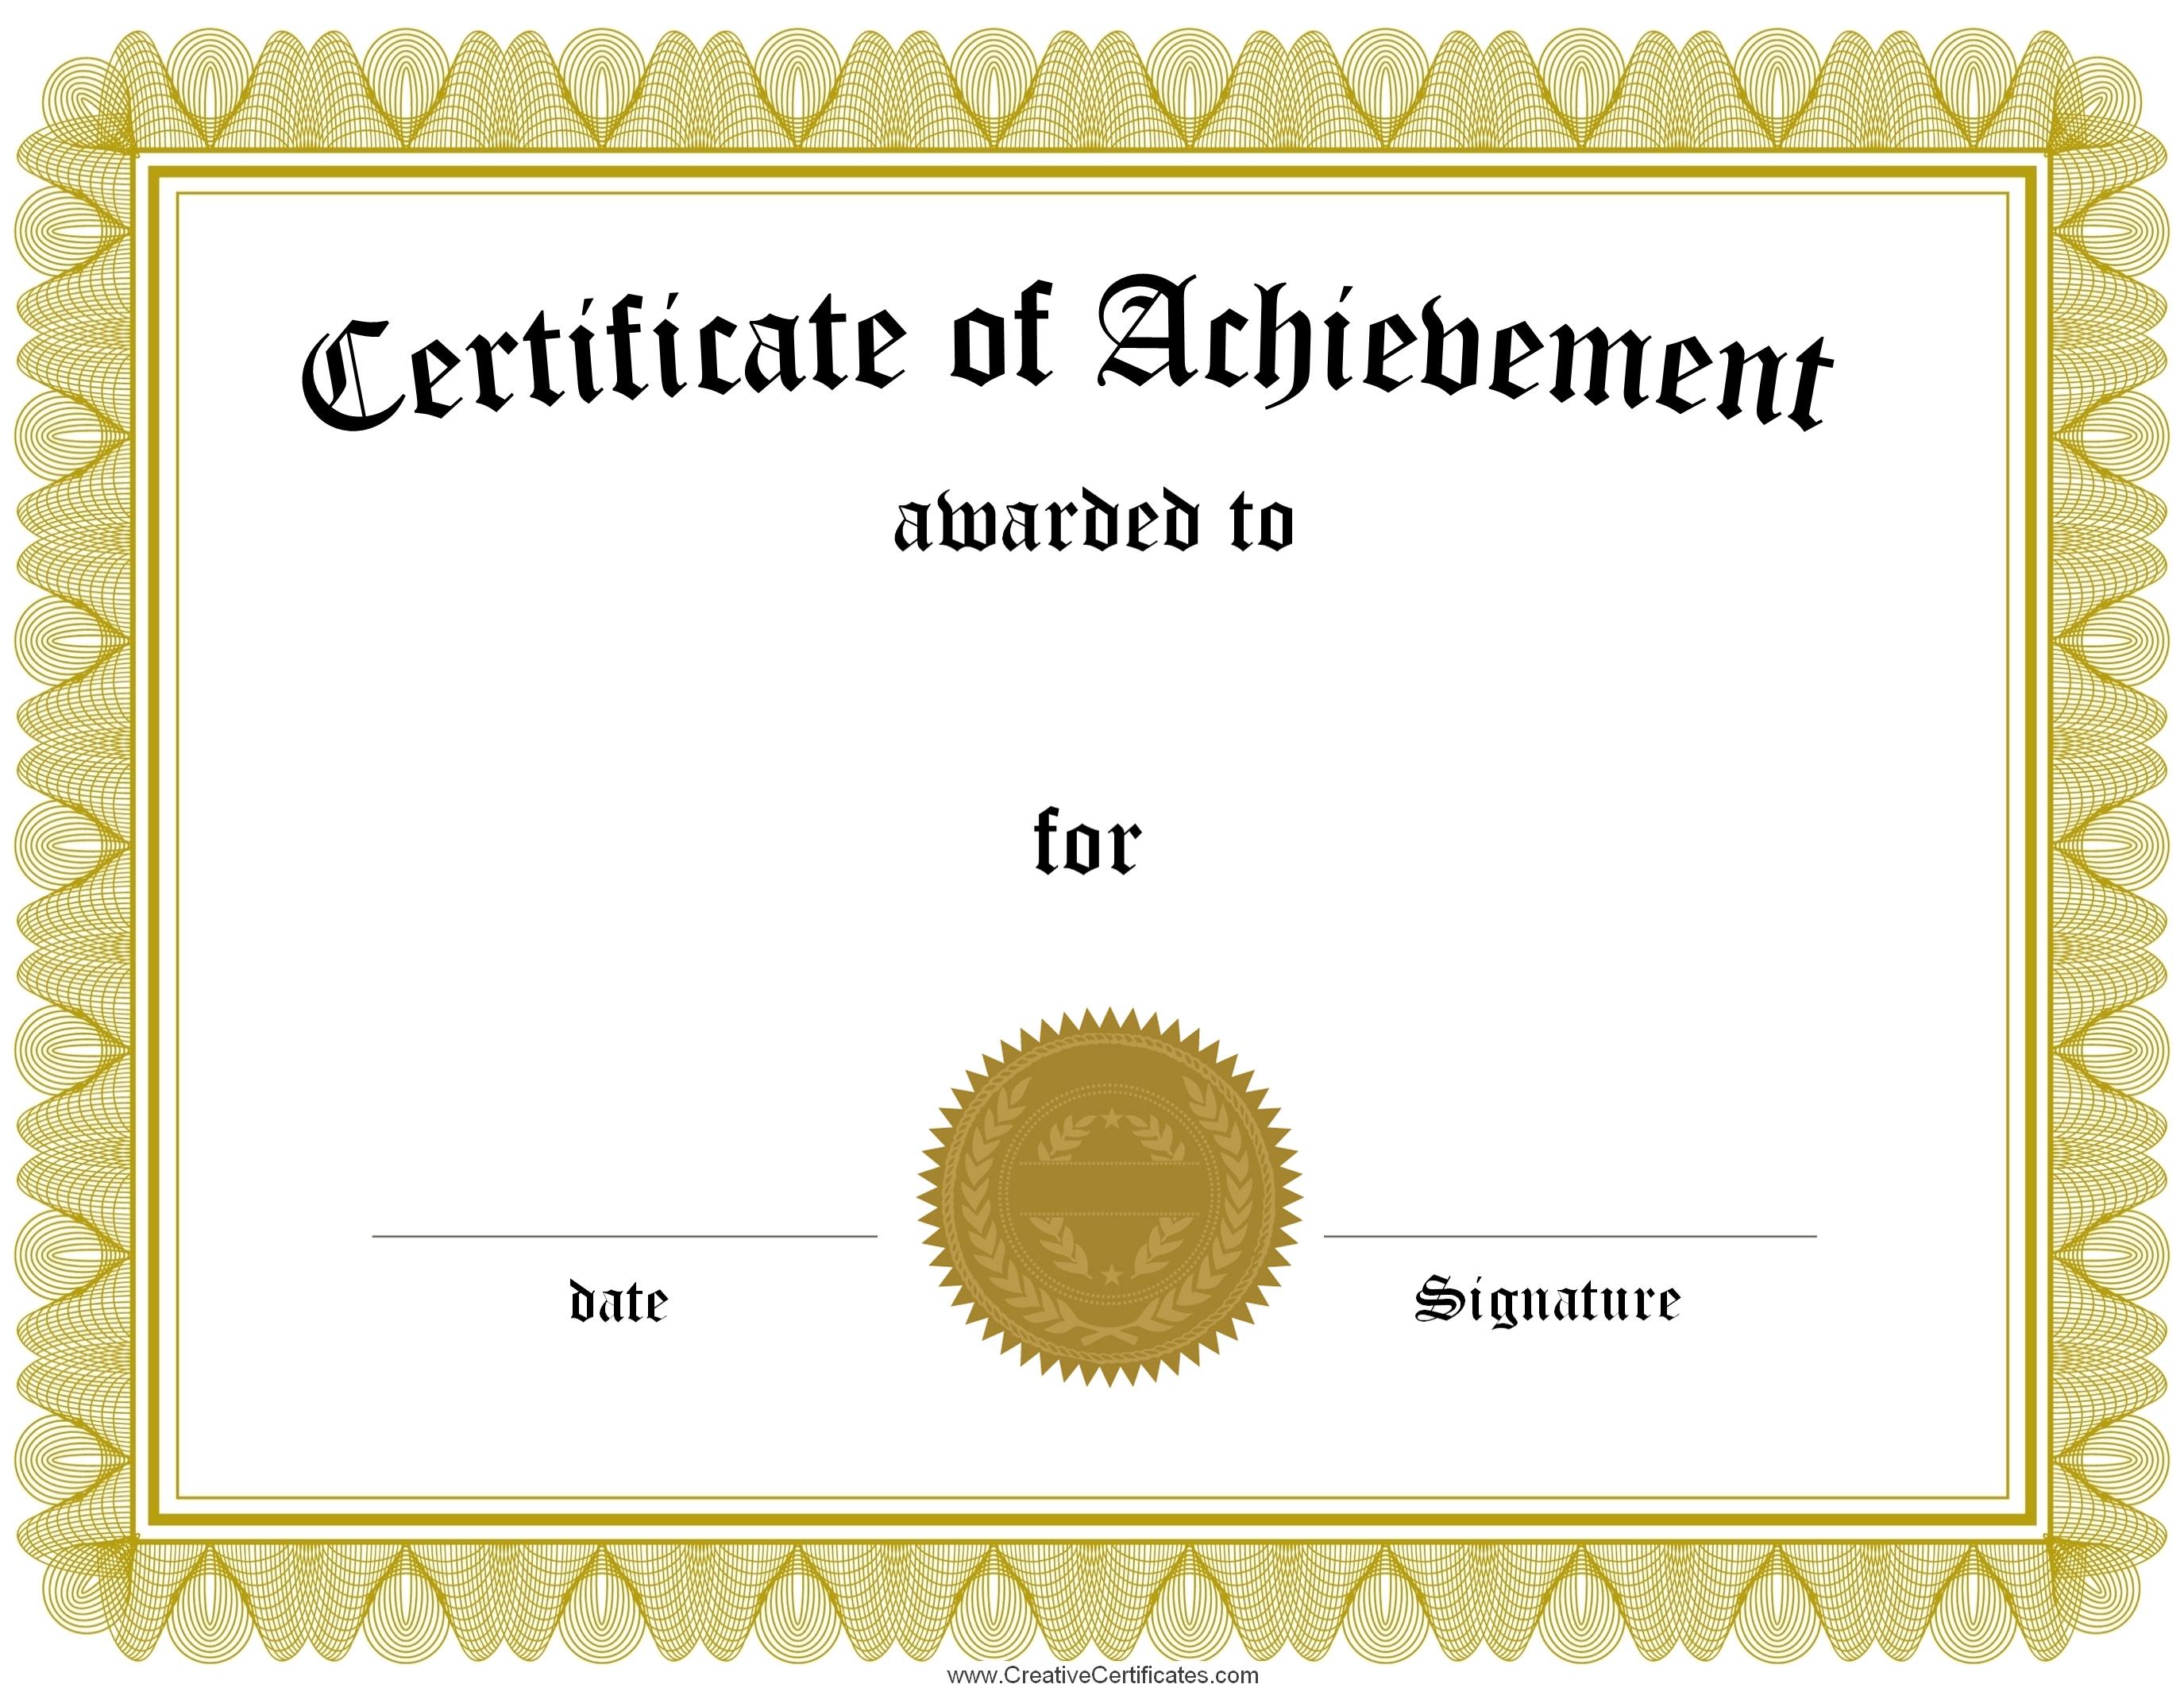 Certificate Awards Template